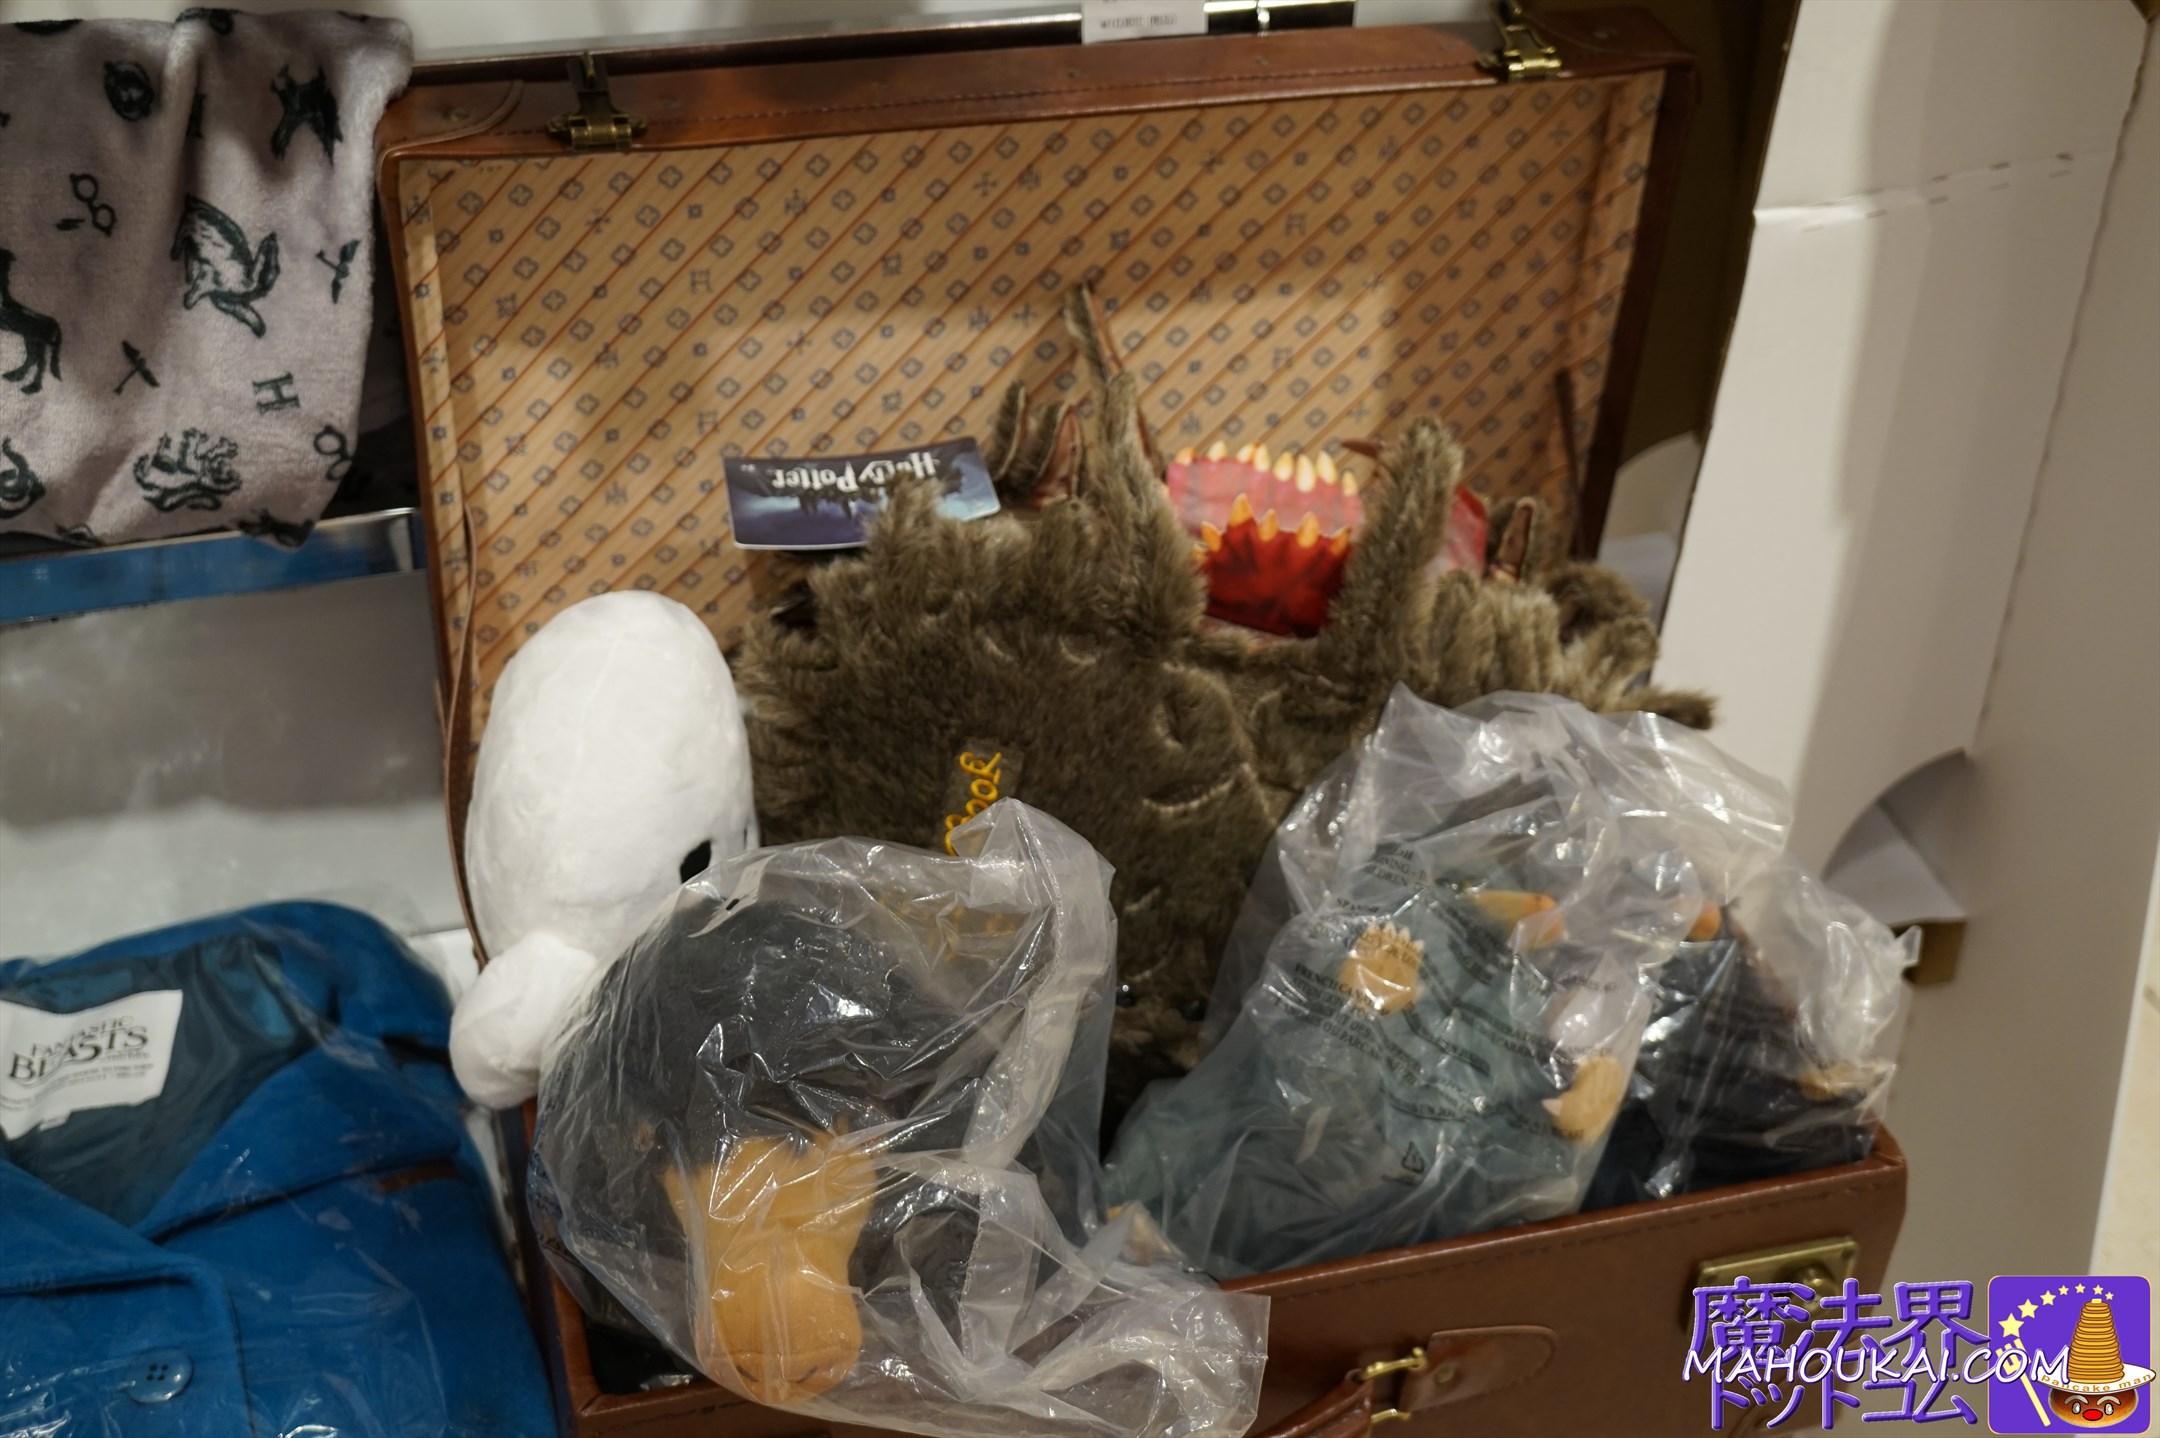 ぬいぐるみハリポタ&ファンタビ ウィーザーディング・ワールド・ベストグッズコレクション(ウィザコレ)大丸梅田店